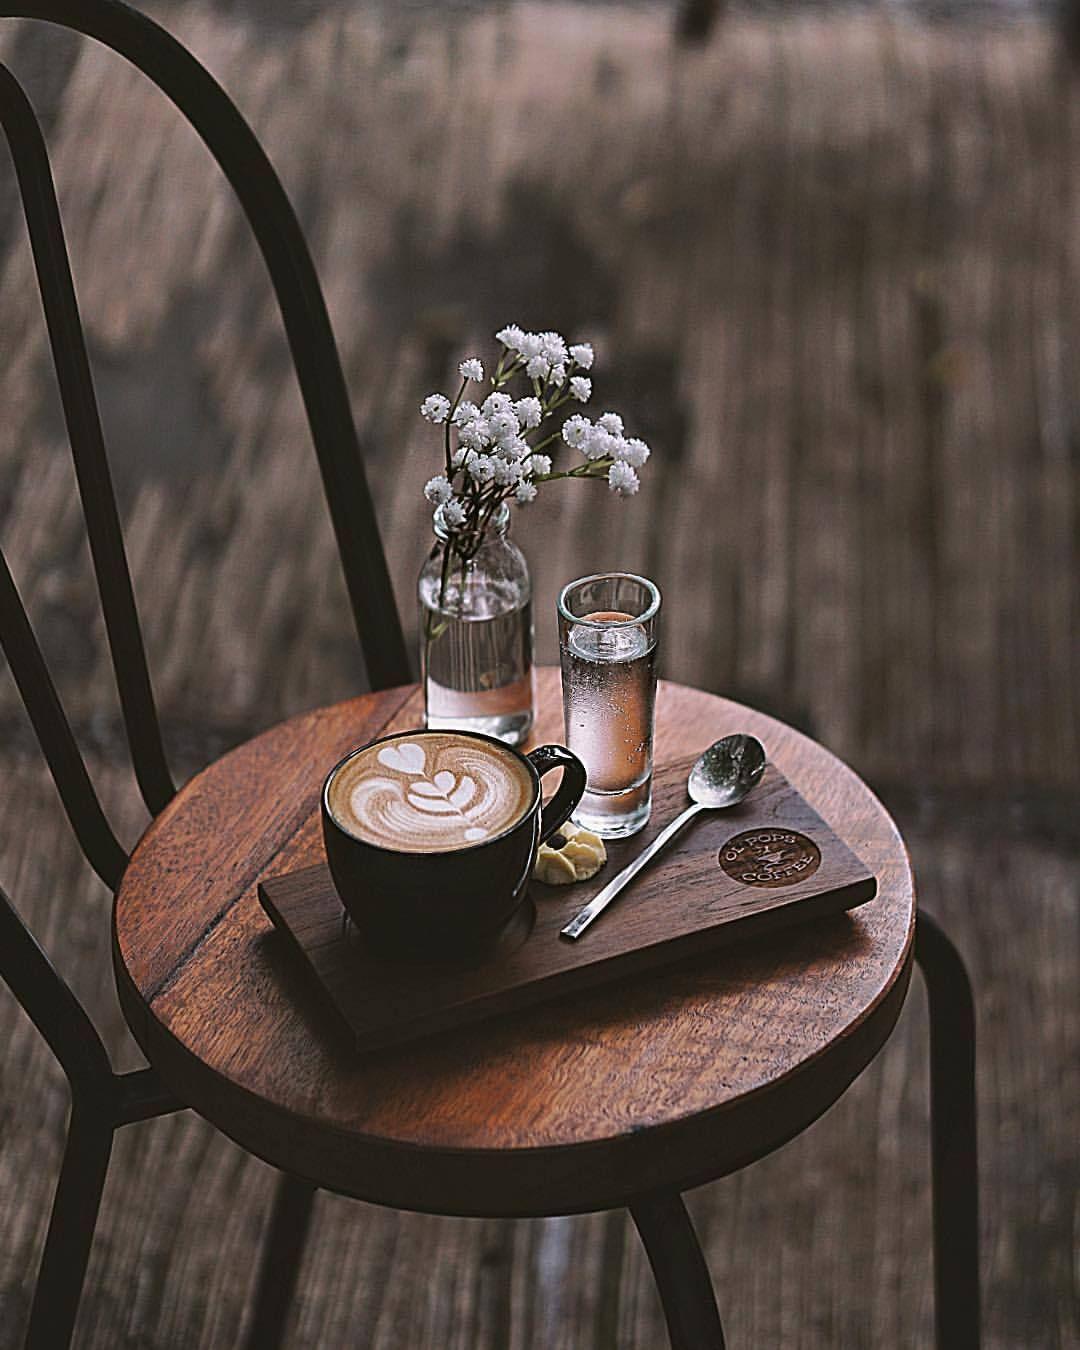 Pin oleh lovelym di Hora del té, café y chocolate☕ | Fotografi kopi, Karya  seni kopi, Pecinta kopi